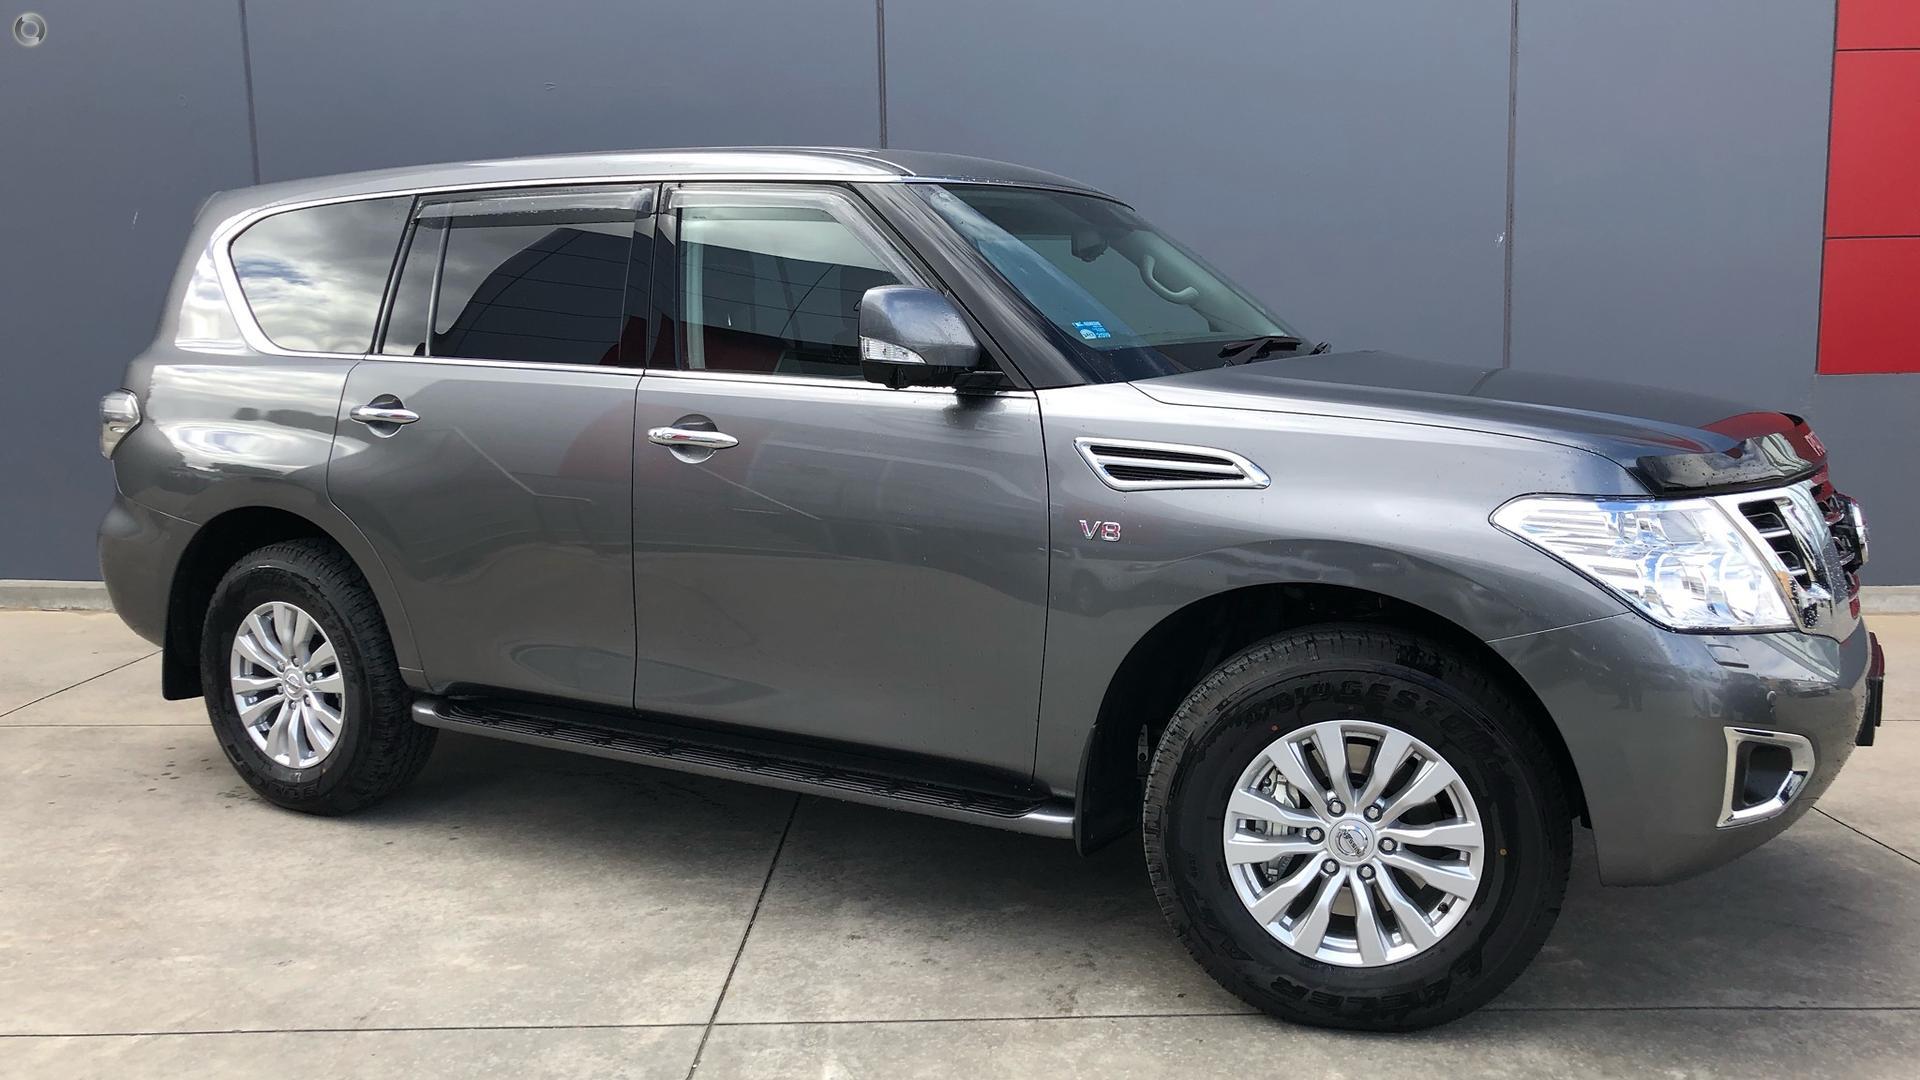 2018 Nissan Patrol Y62 Series 4